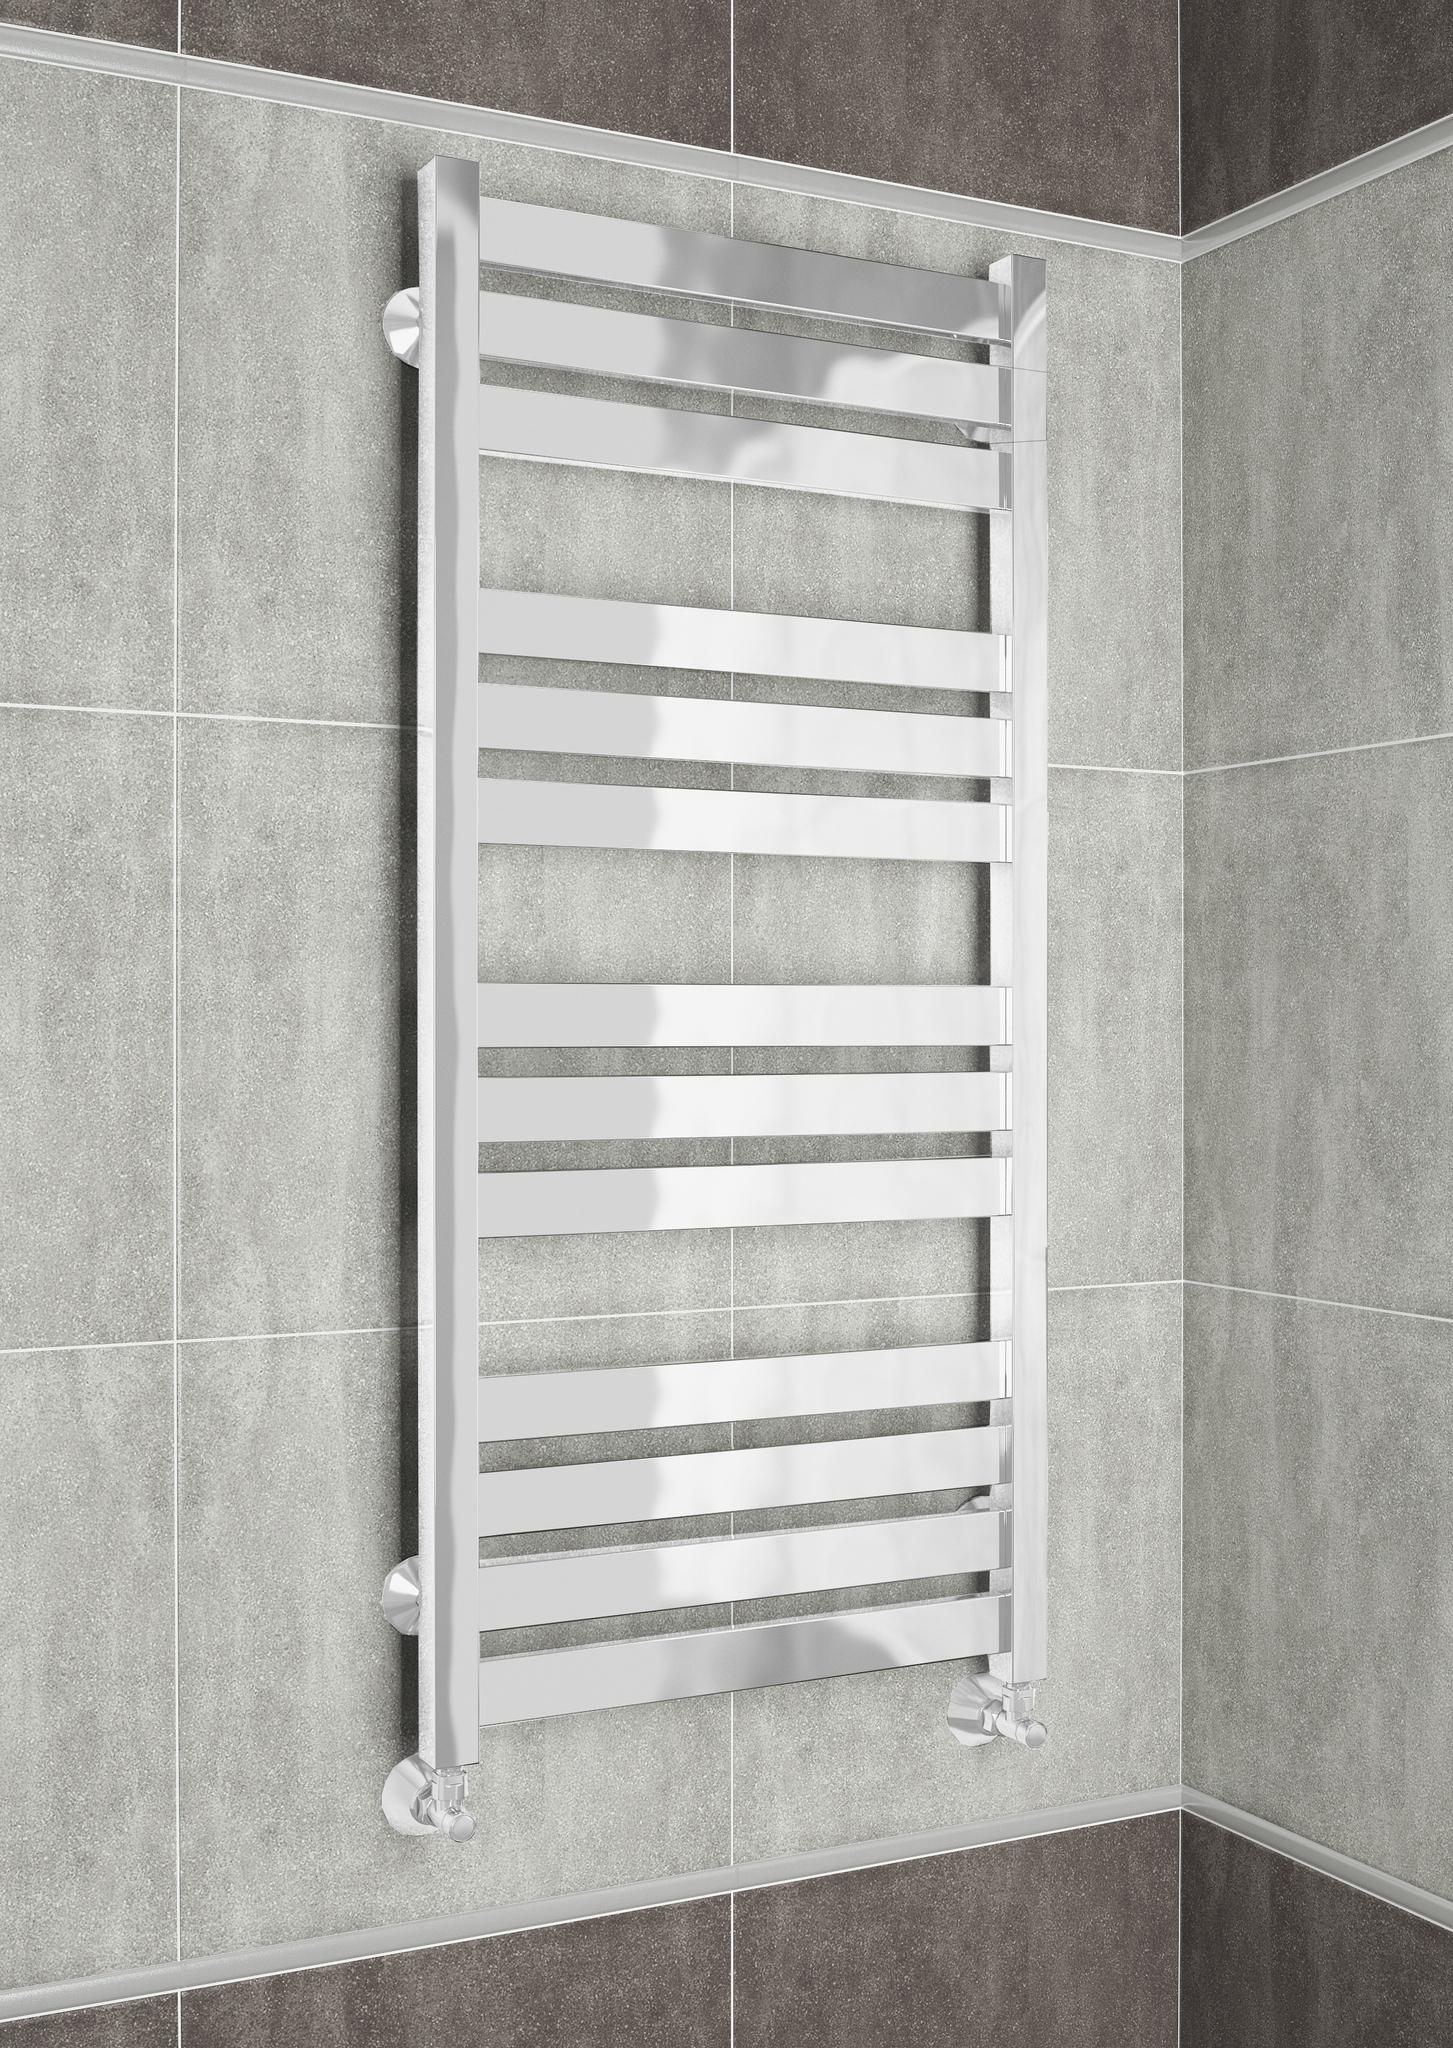 Latte  - белый дизайн полотенцесушитель с квадратными вертикалями.